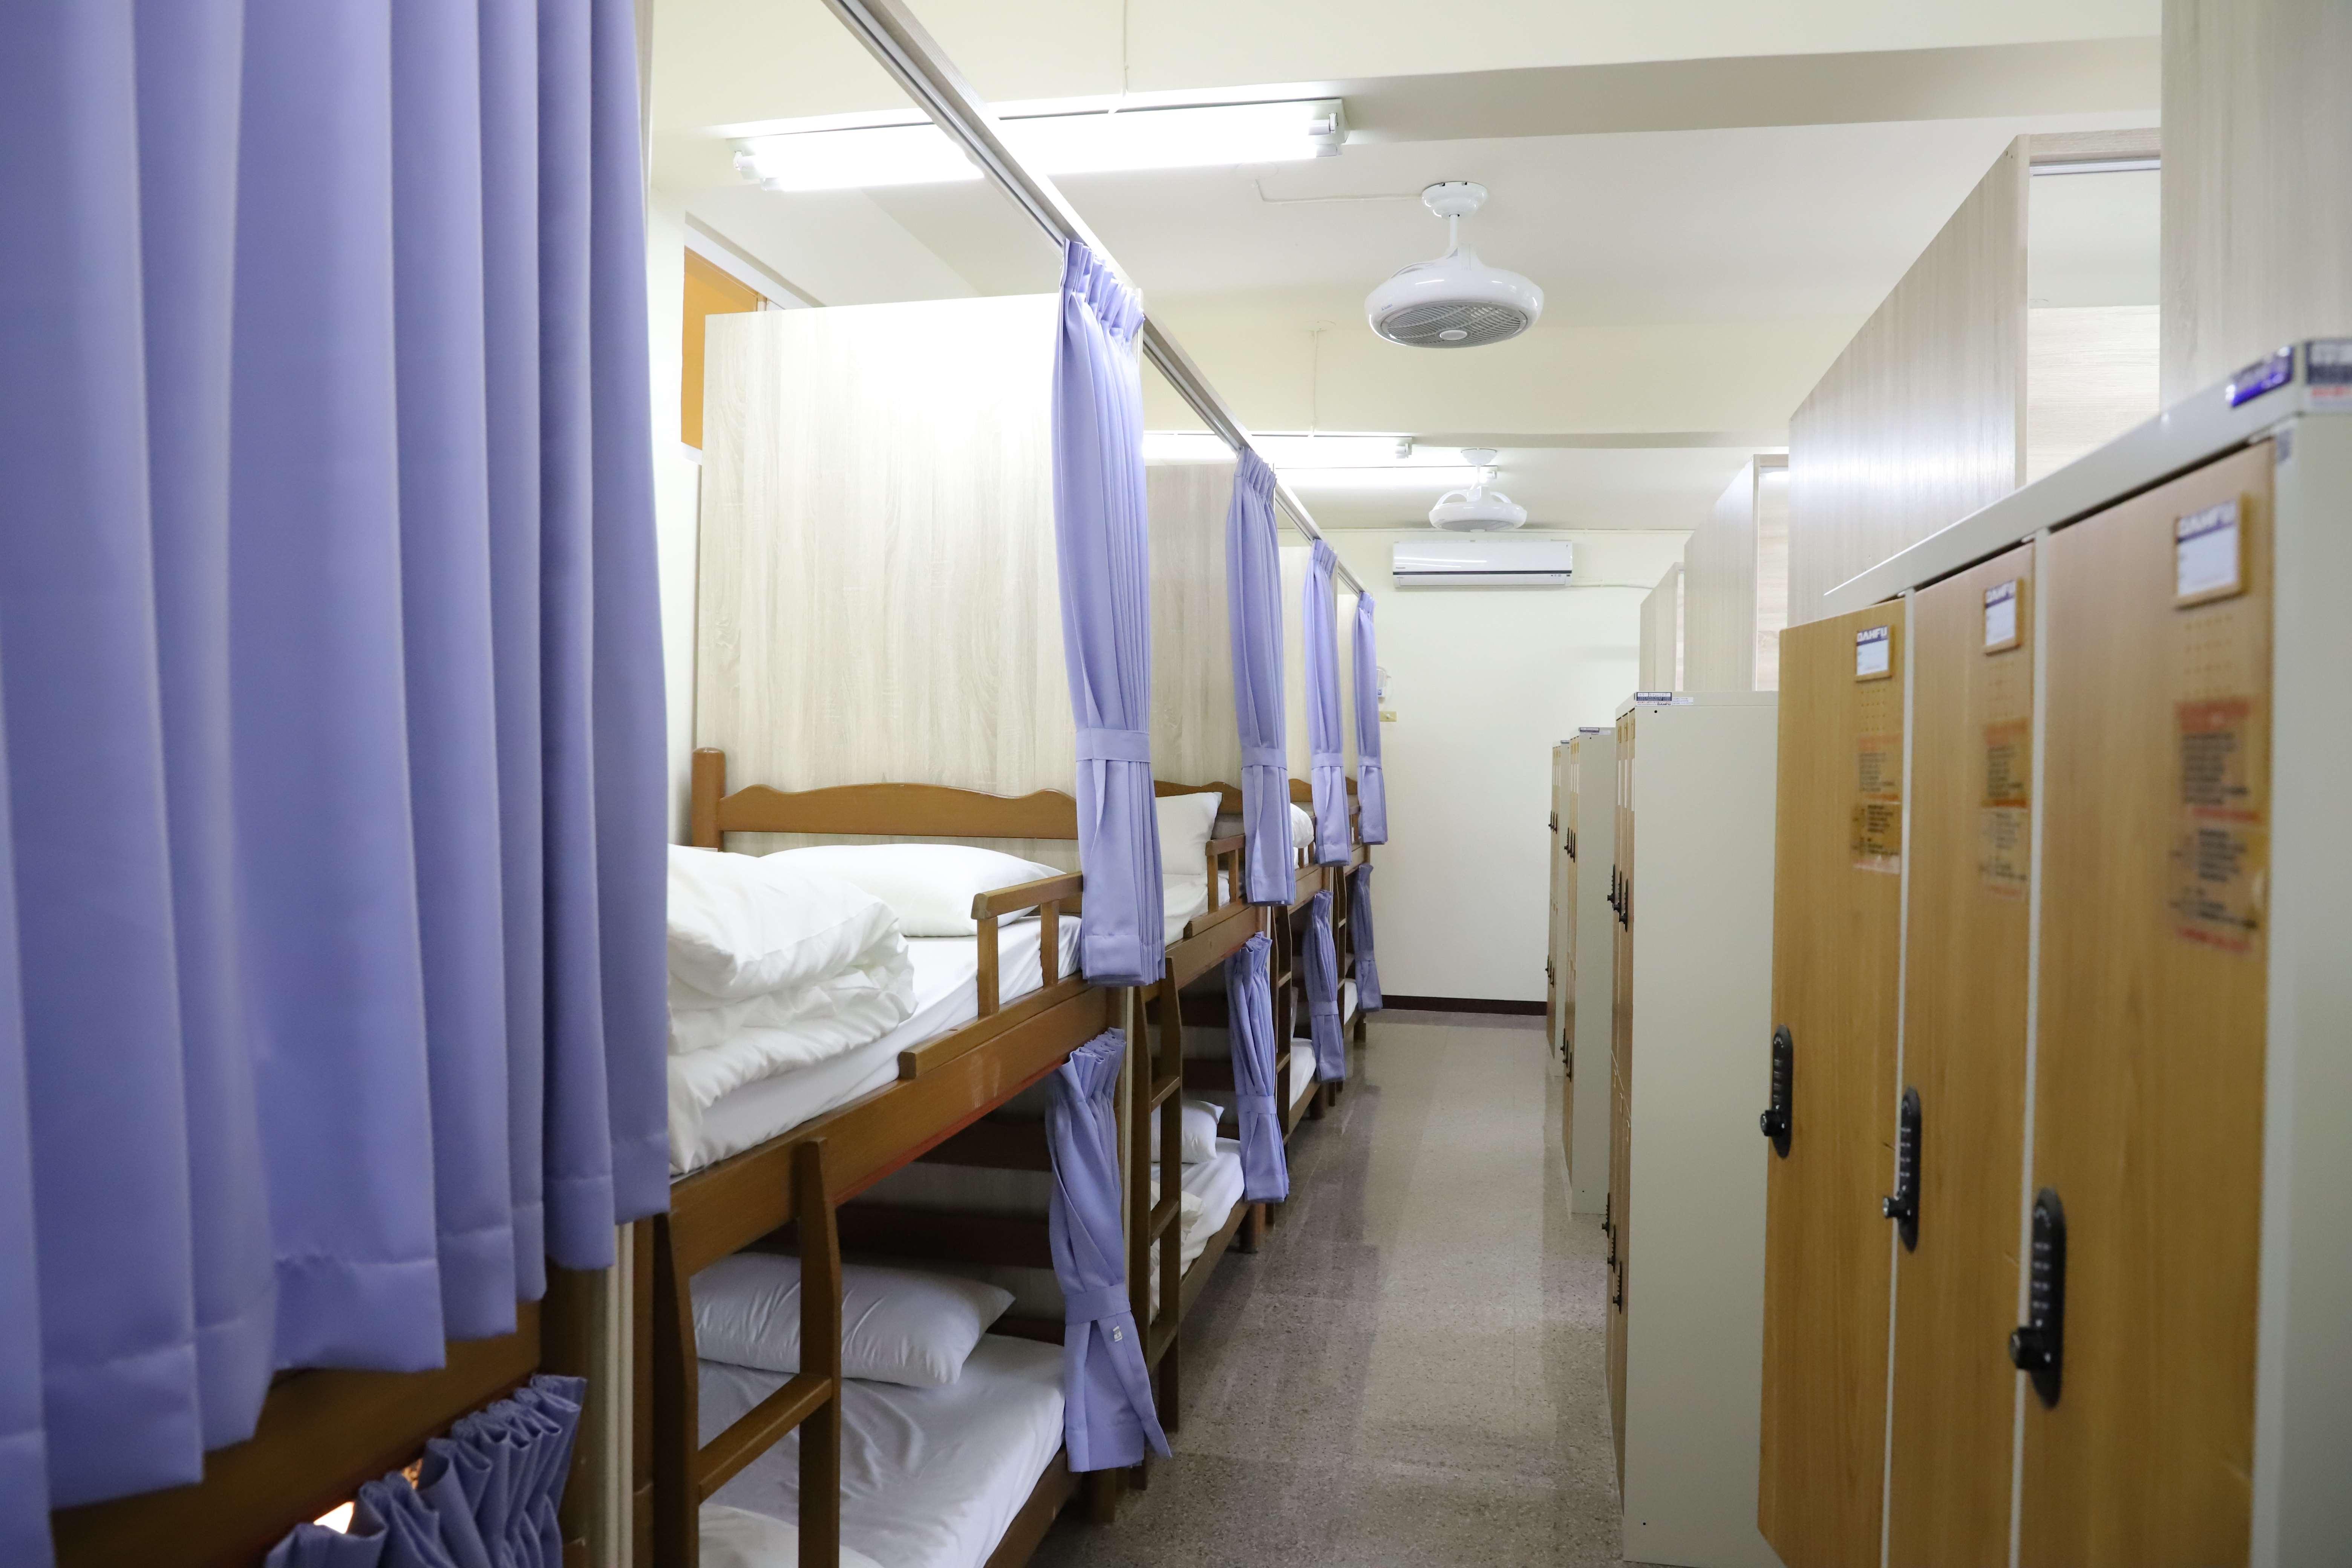 華山教育農園住宿區約有80通鋪個人床。